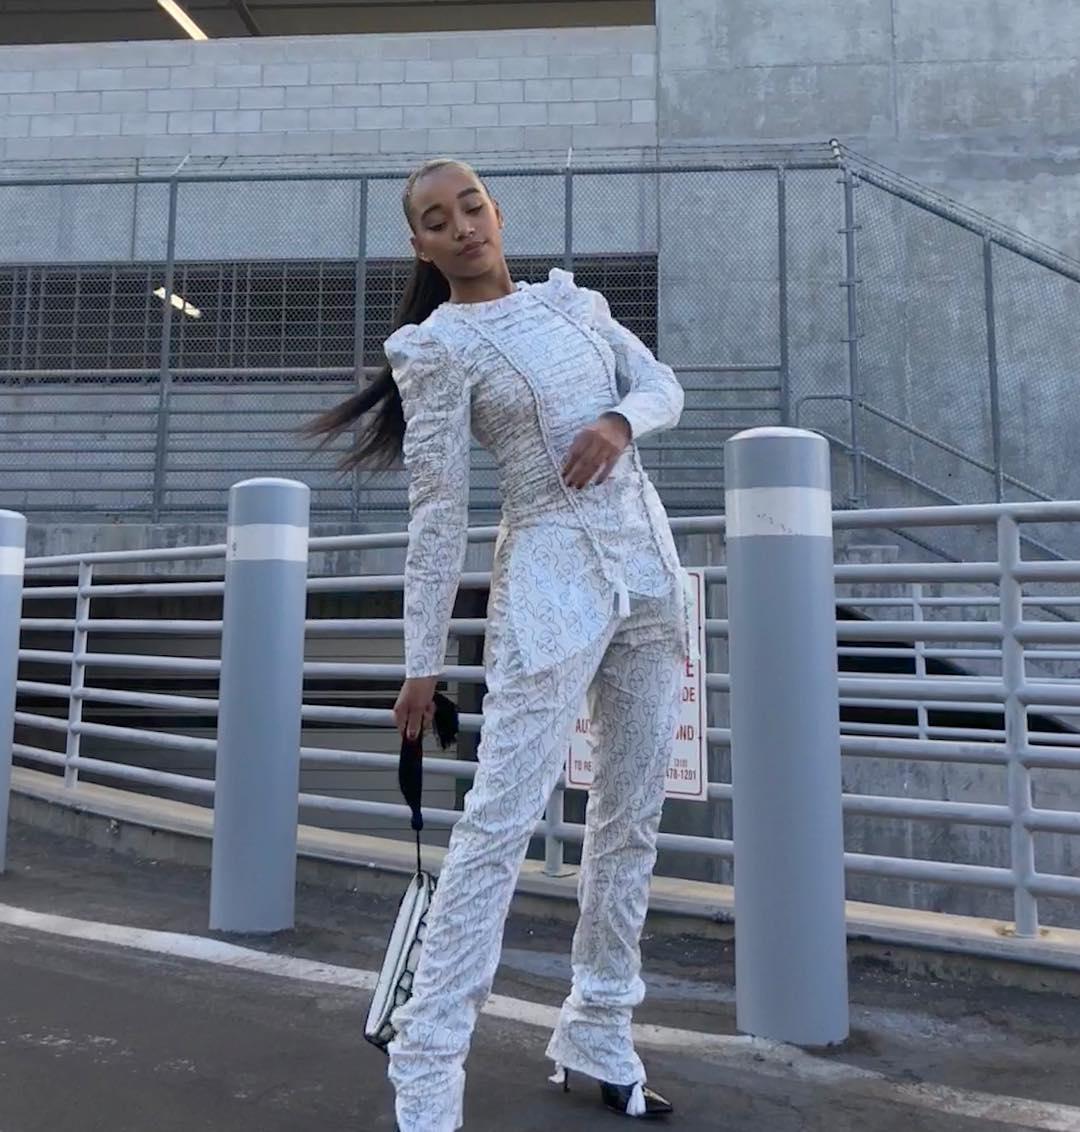 Amandla Stenberg Wearing Silvery Pantsuit 2020